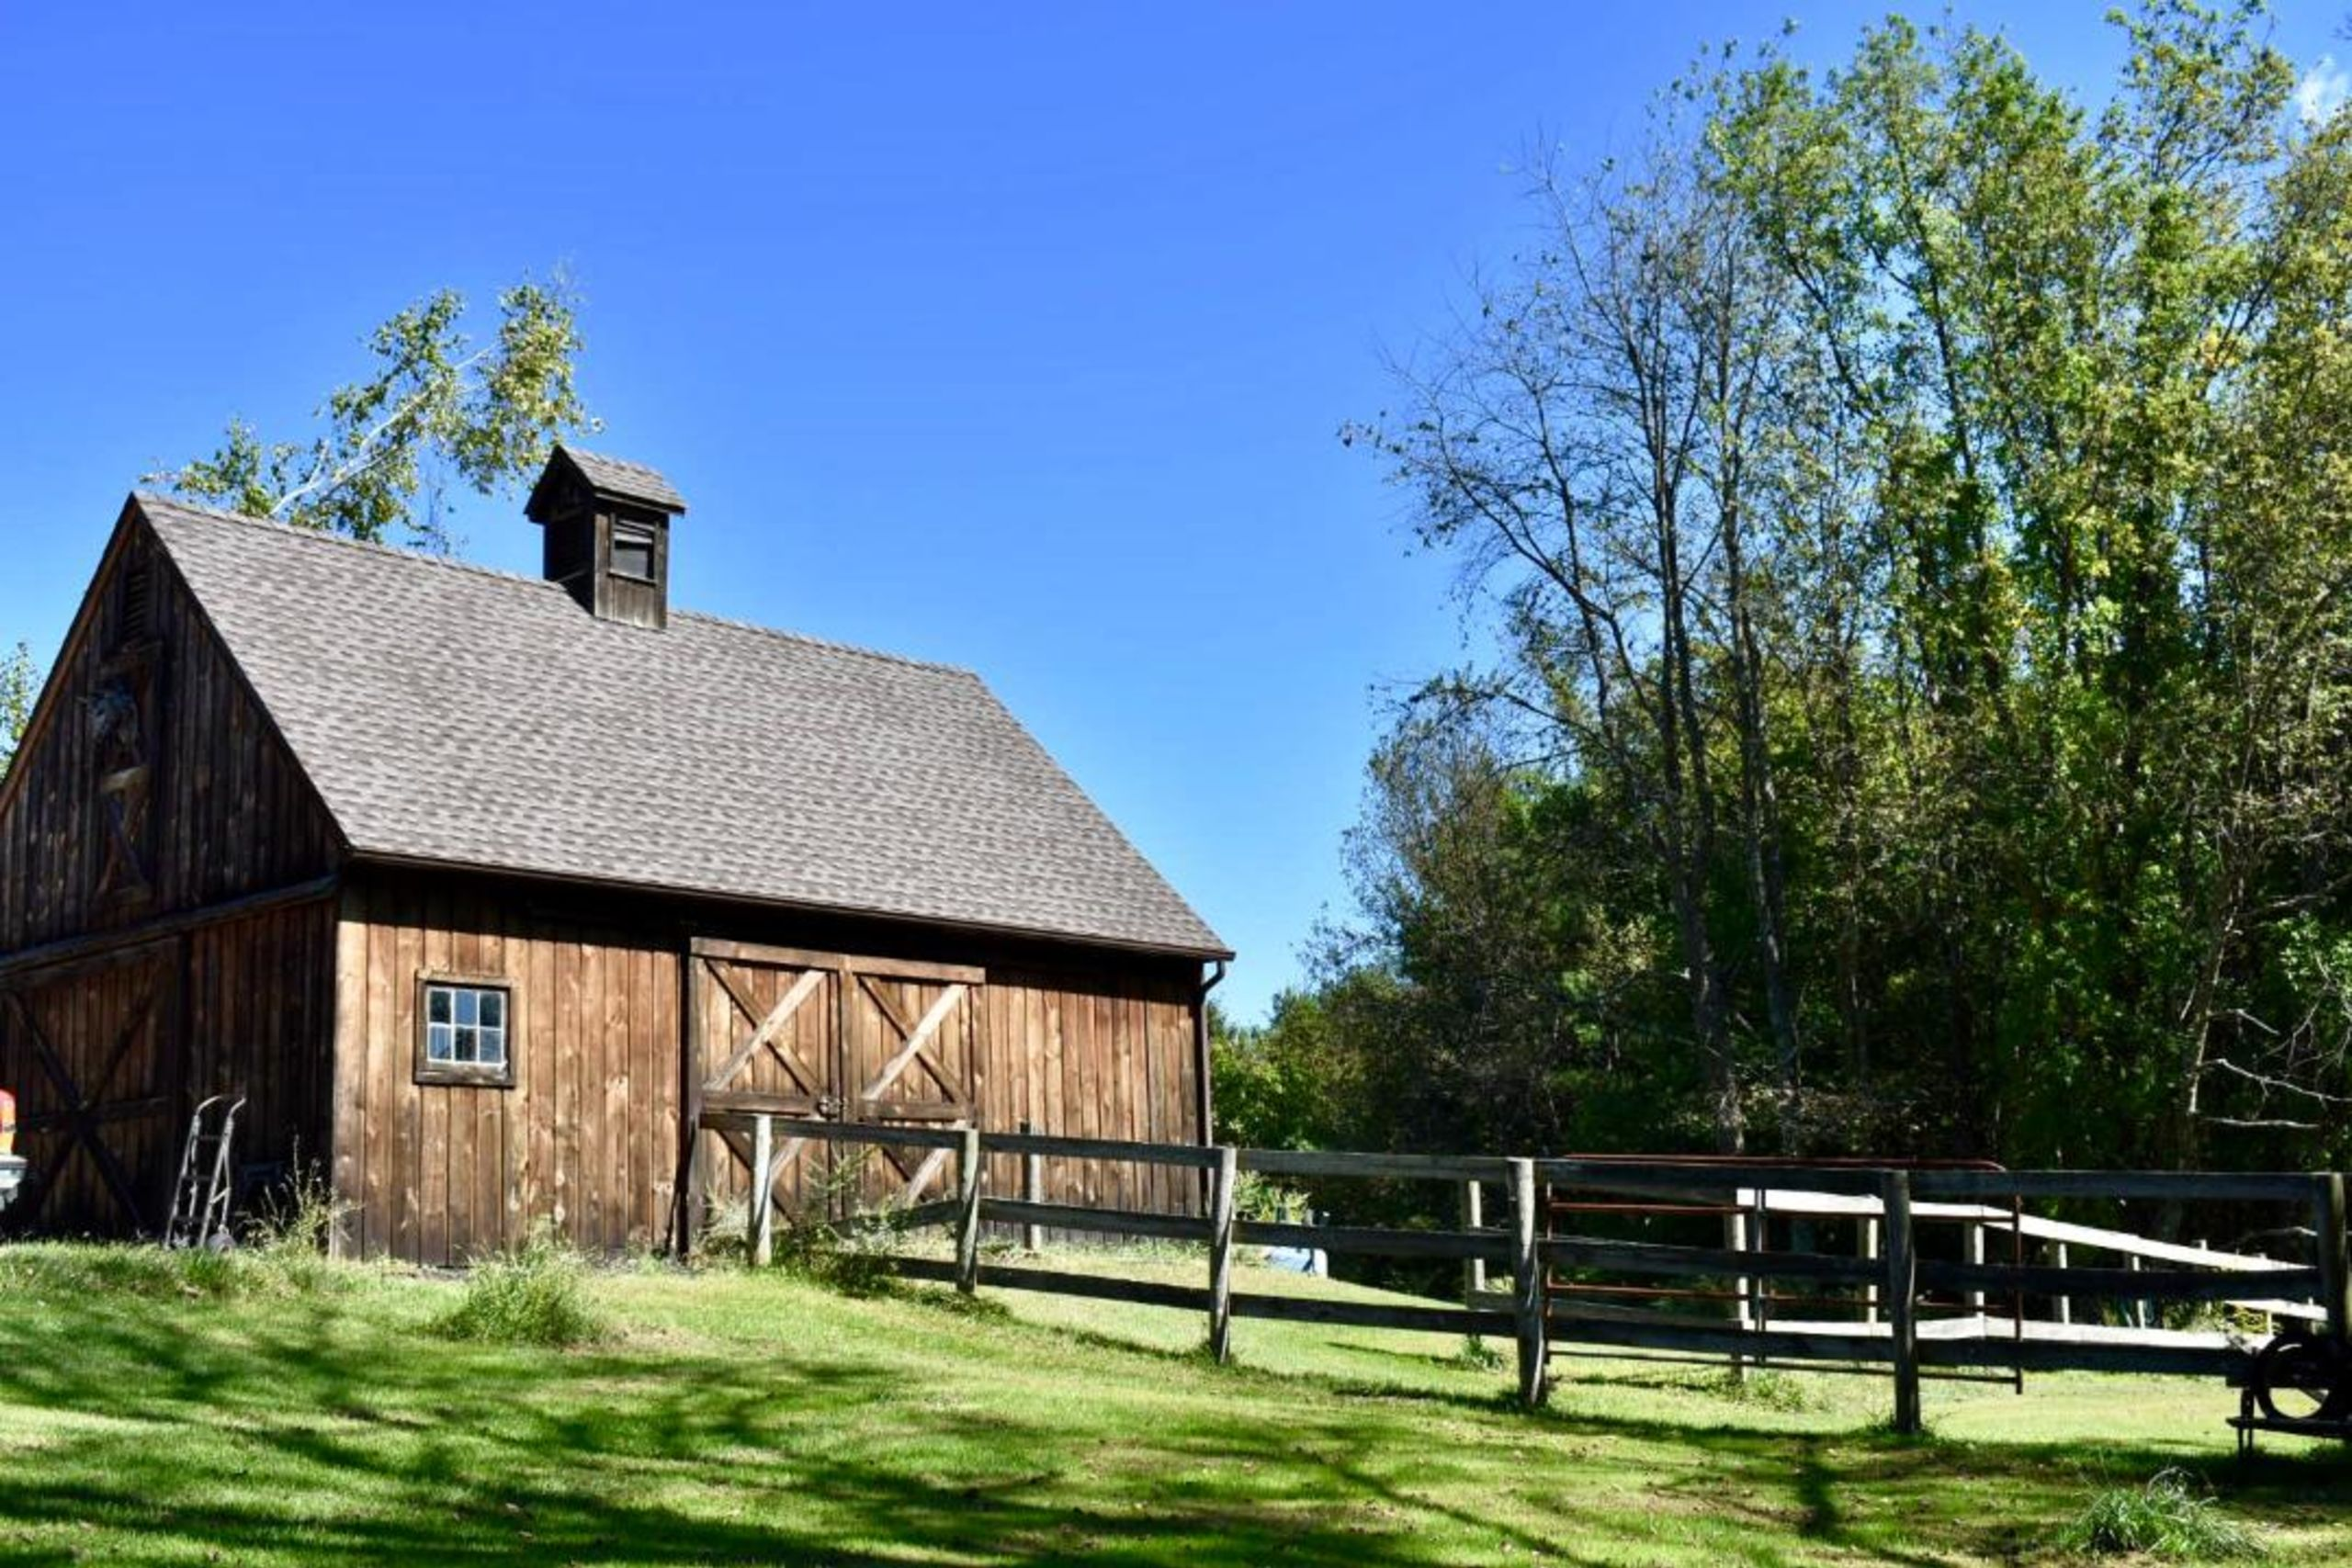 Backyard Barns and Hobby Farms